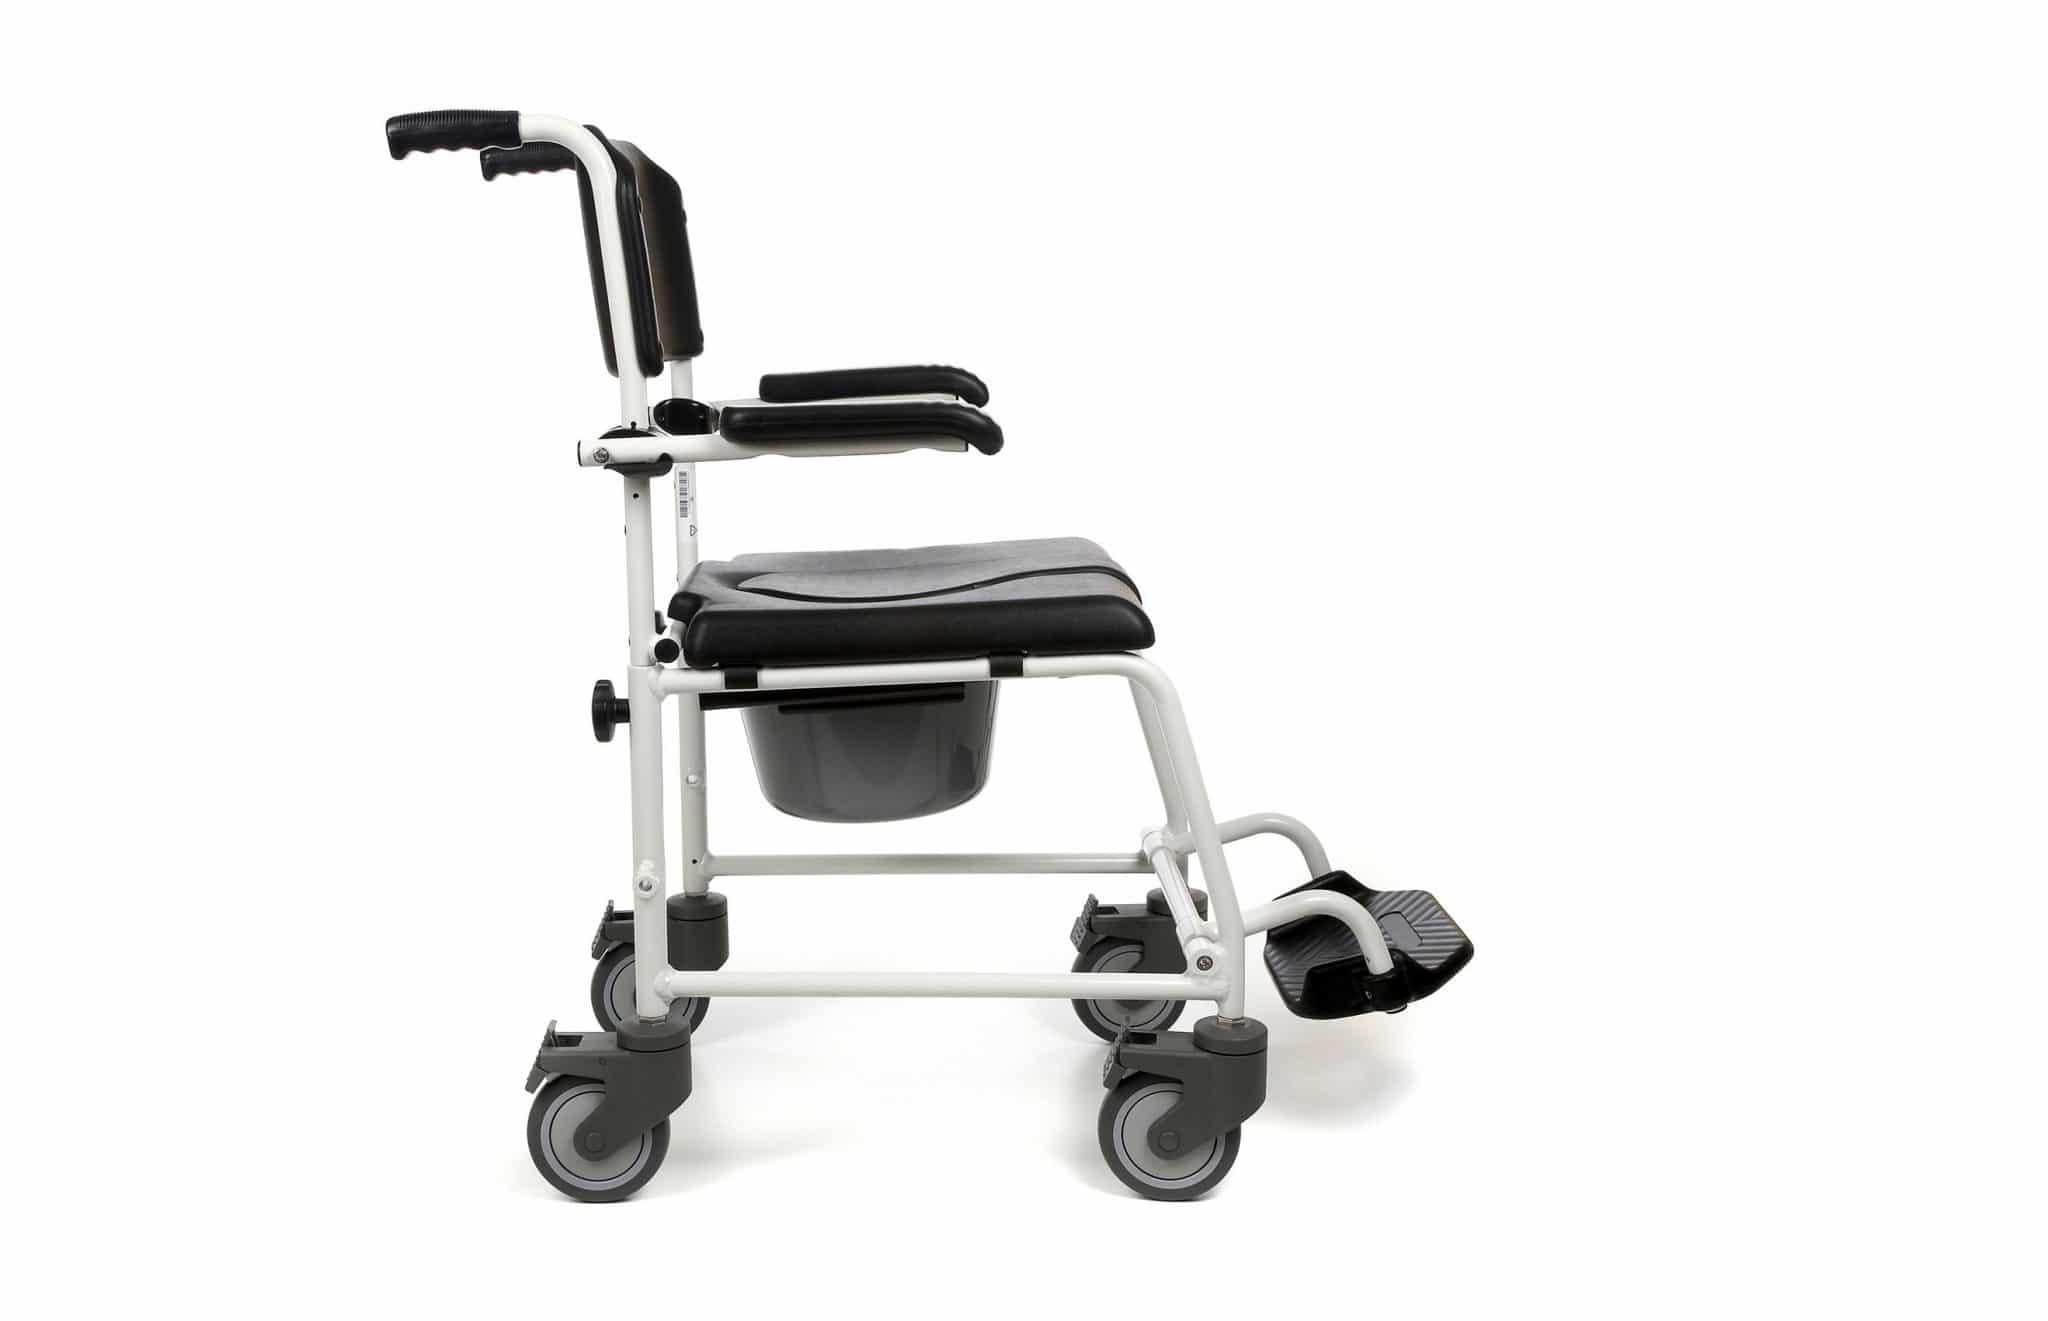 Cadeira de banho preta com estrutura em alumínio branco, com vista lateral